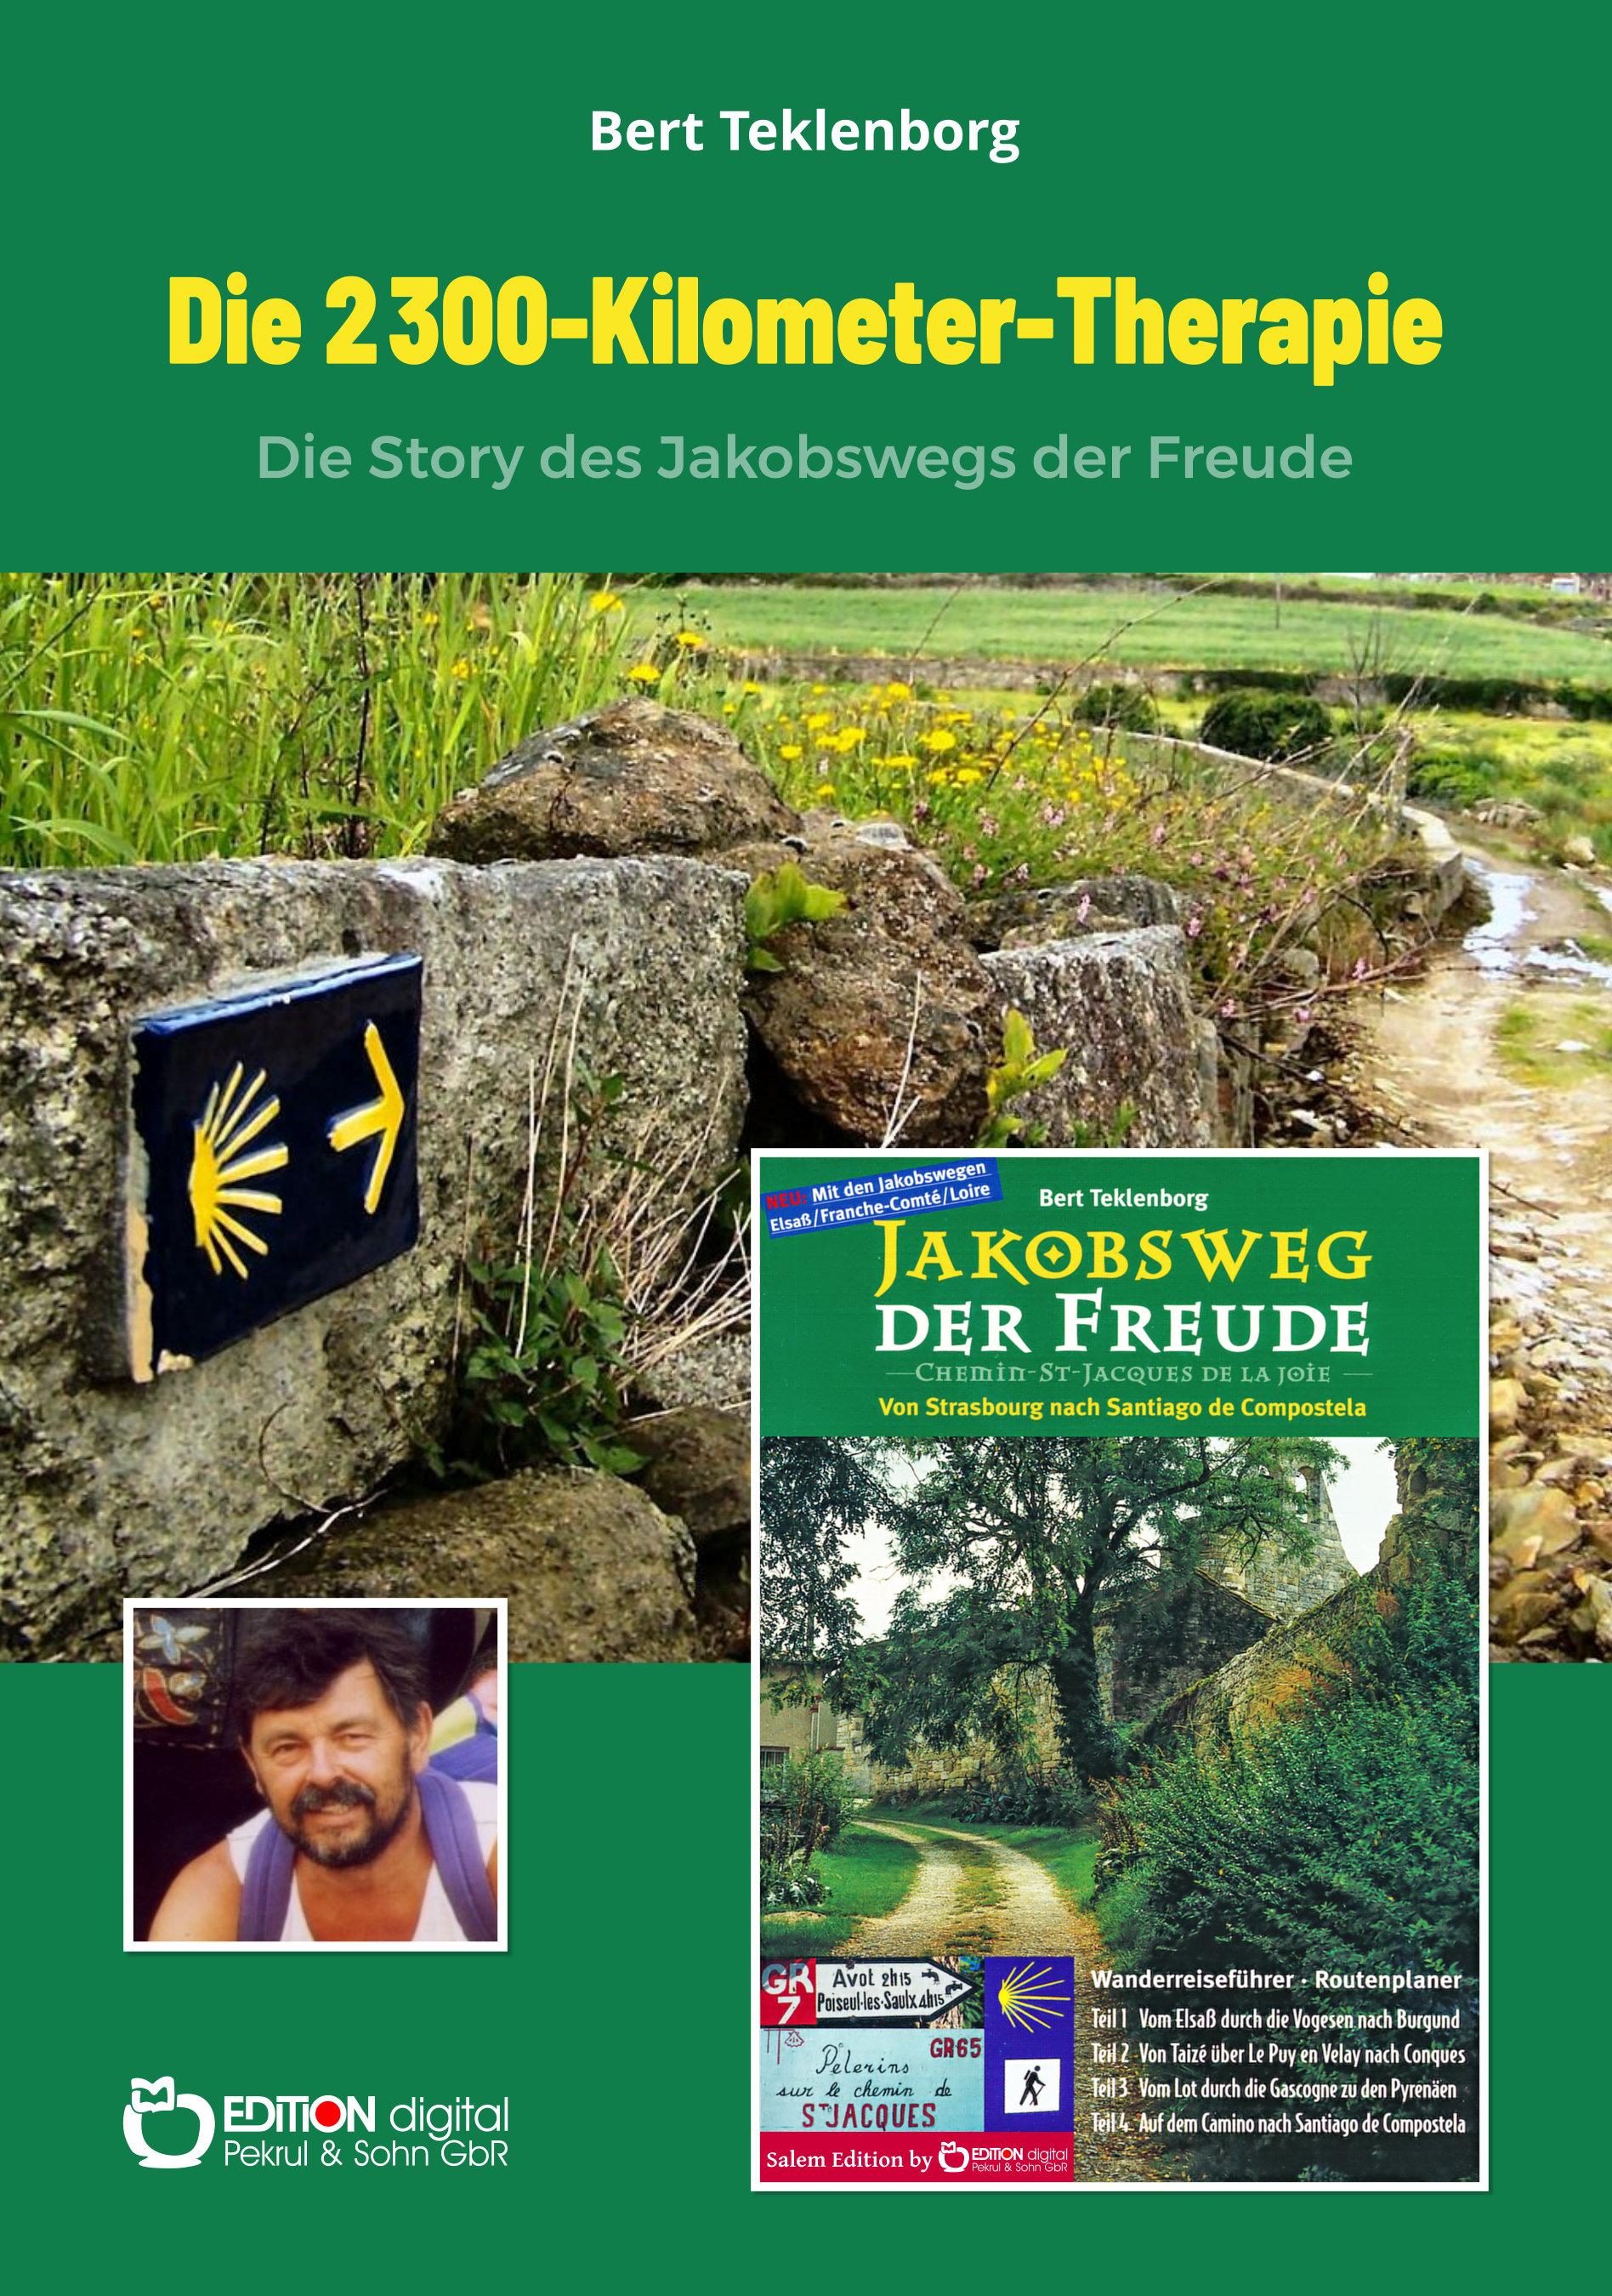 Die 2300-Kilometer-Therapie. Die Story des Jakobswegs der Freude von Bert Teklenborg